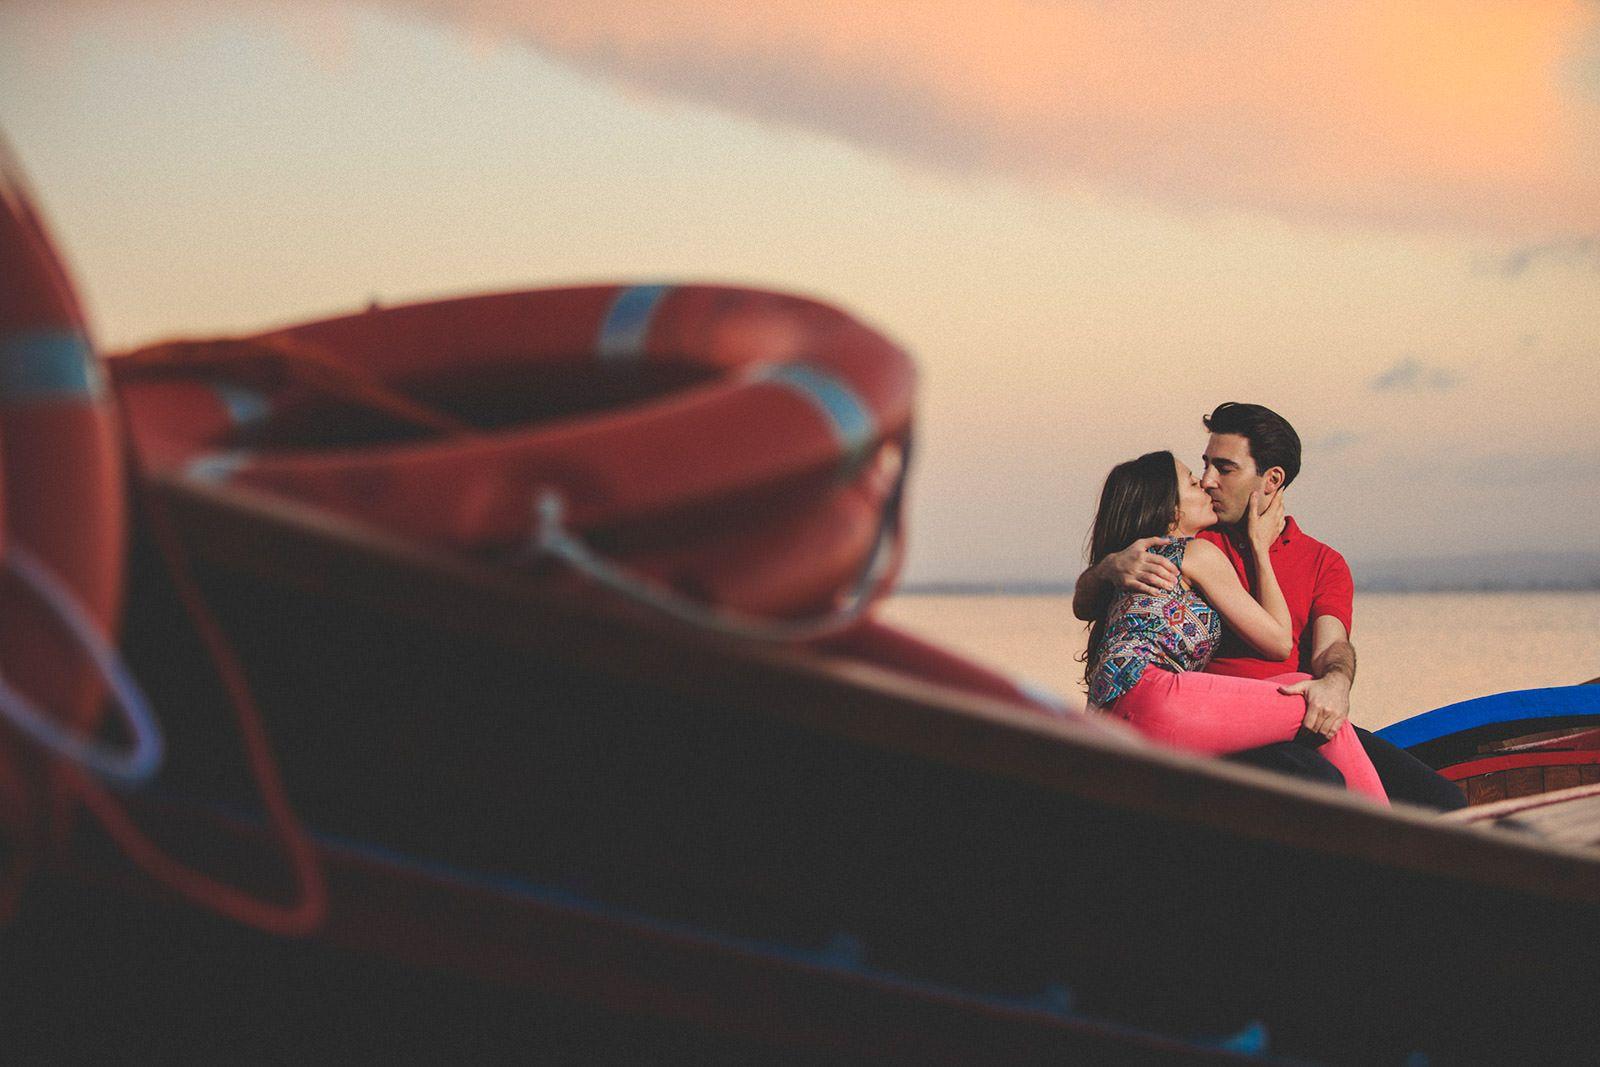 Fotos de Preboda Romantica en Albufera - Santi Miquel - Fotografo de boda - 001